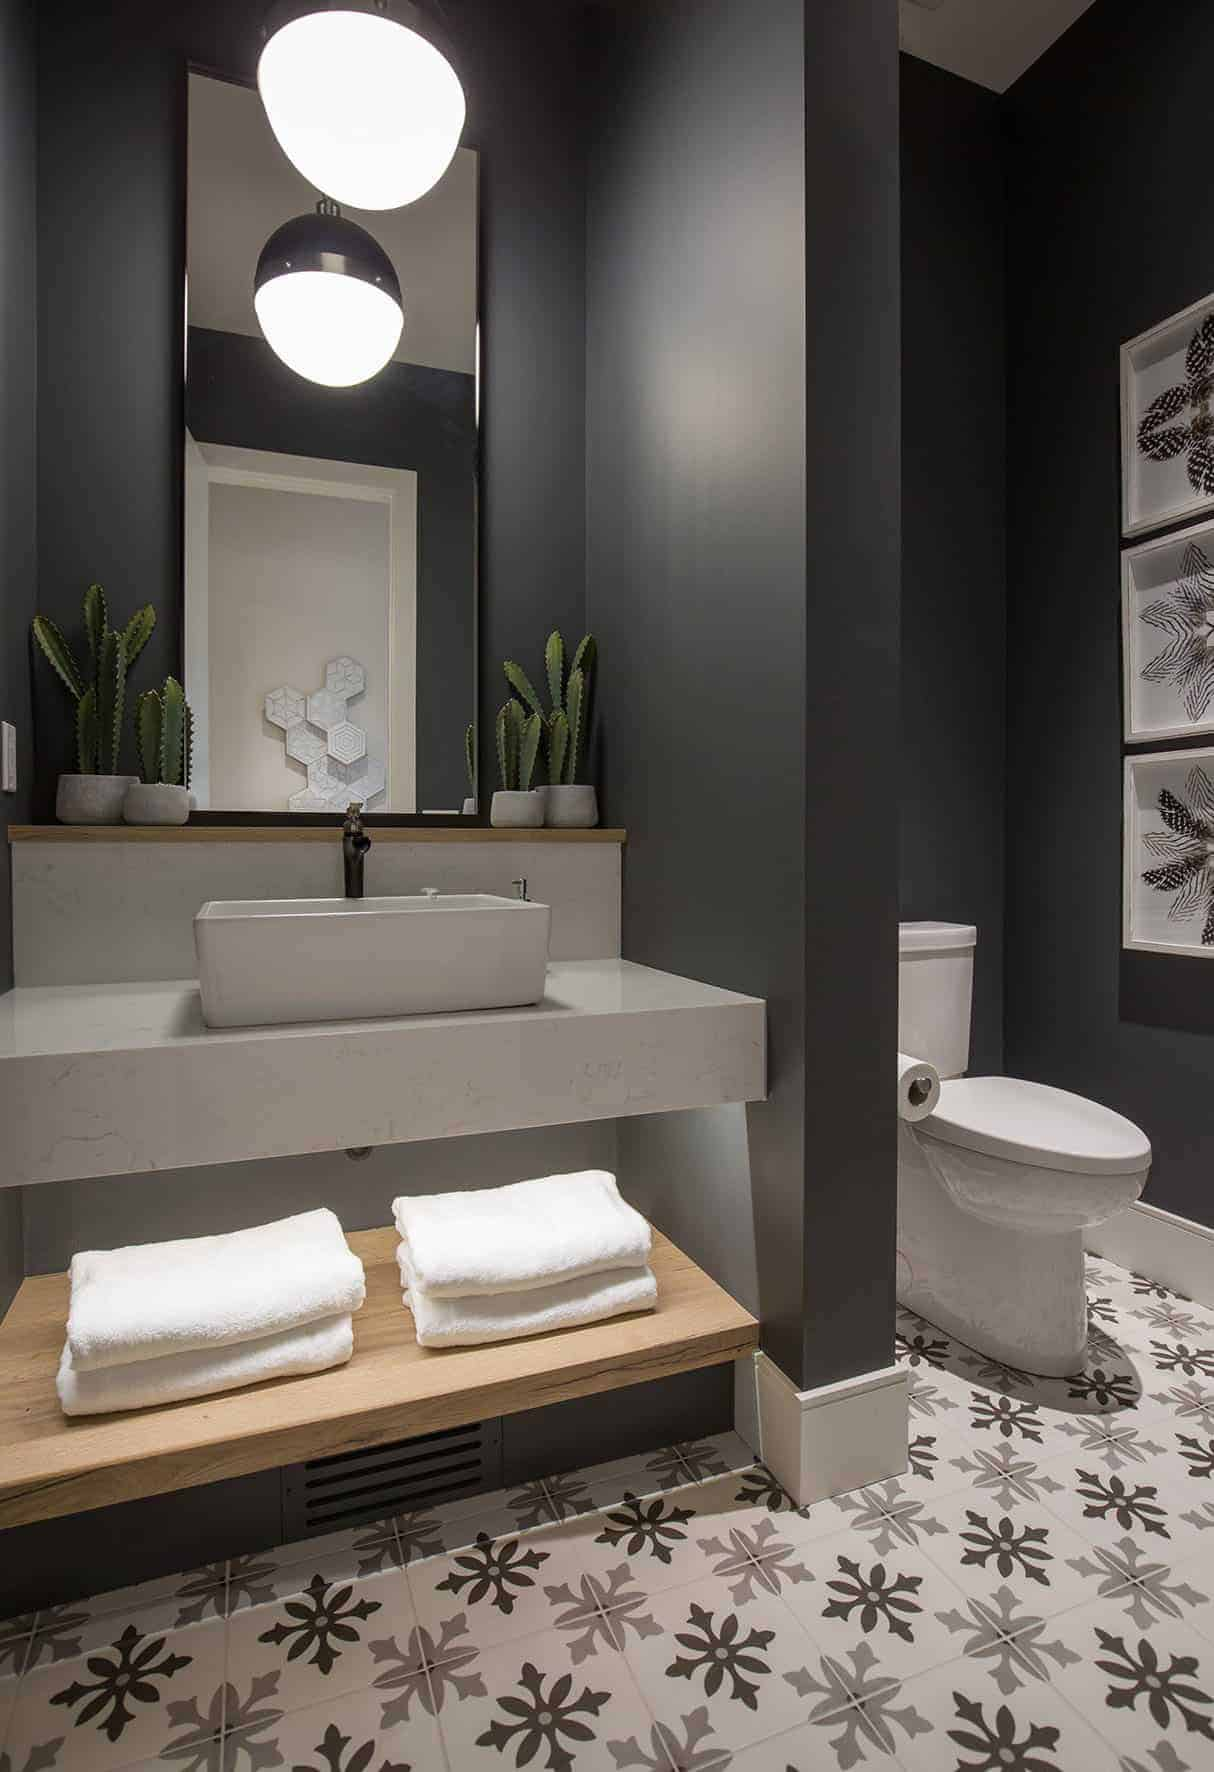 moderna-seoska kuća-kupatilo